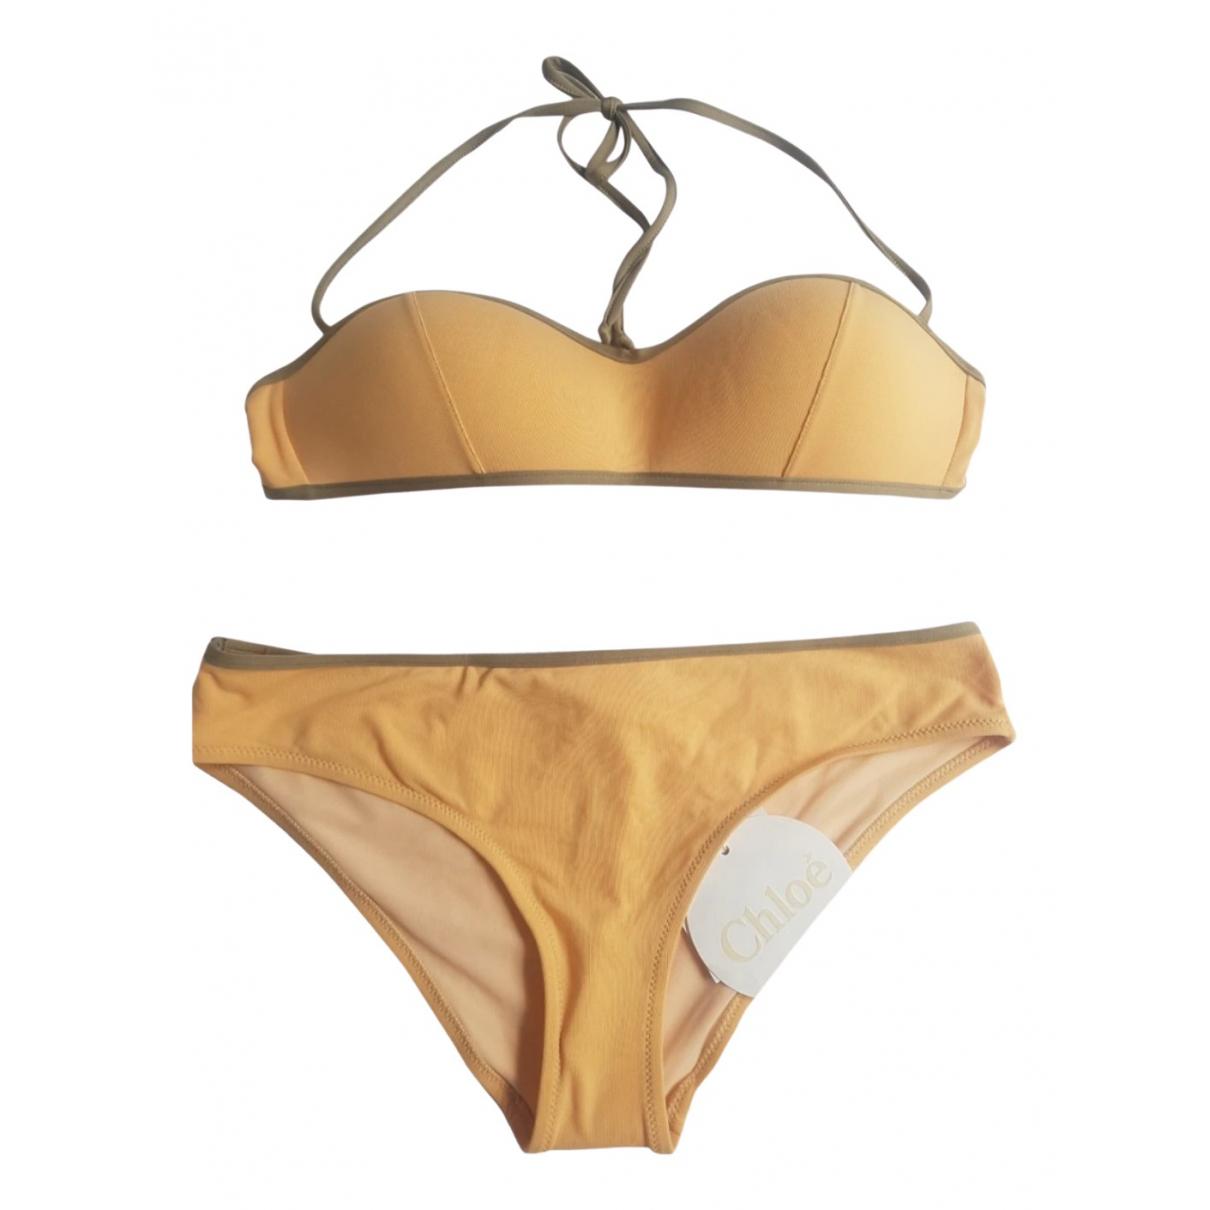 Chloe \N Badeanzug in  Gelb Synthetik